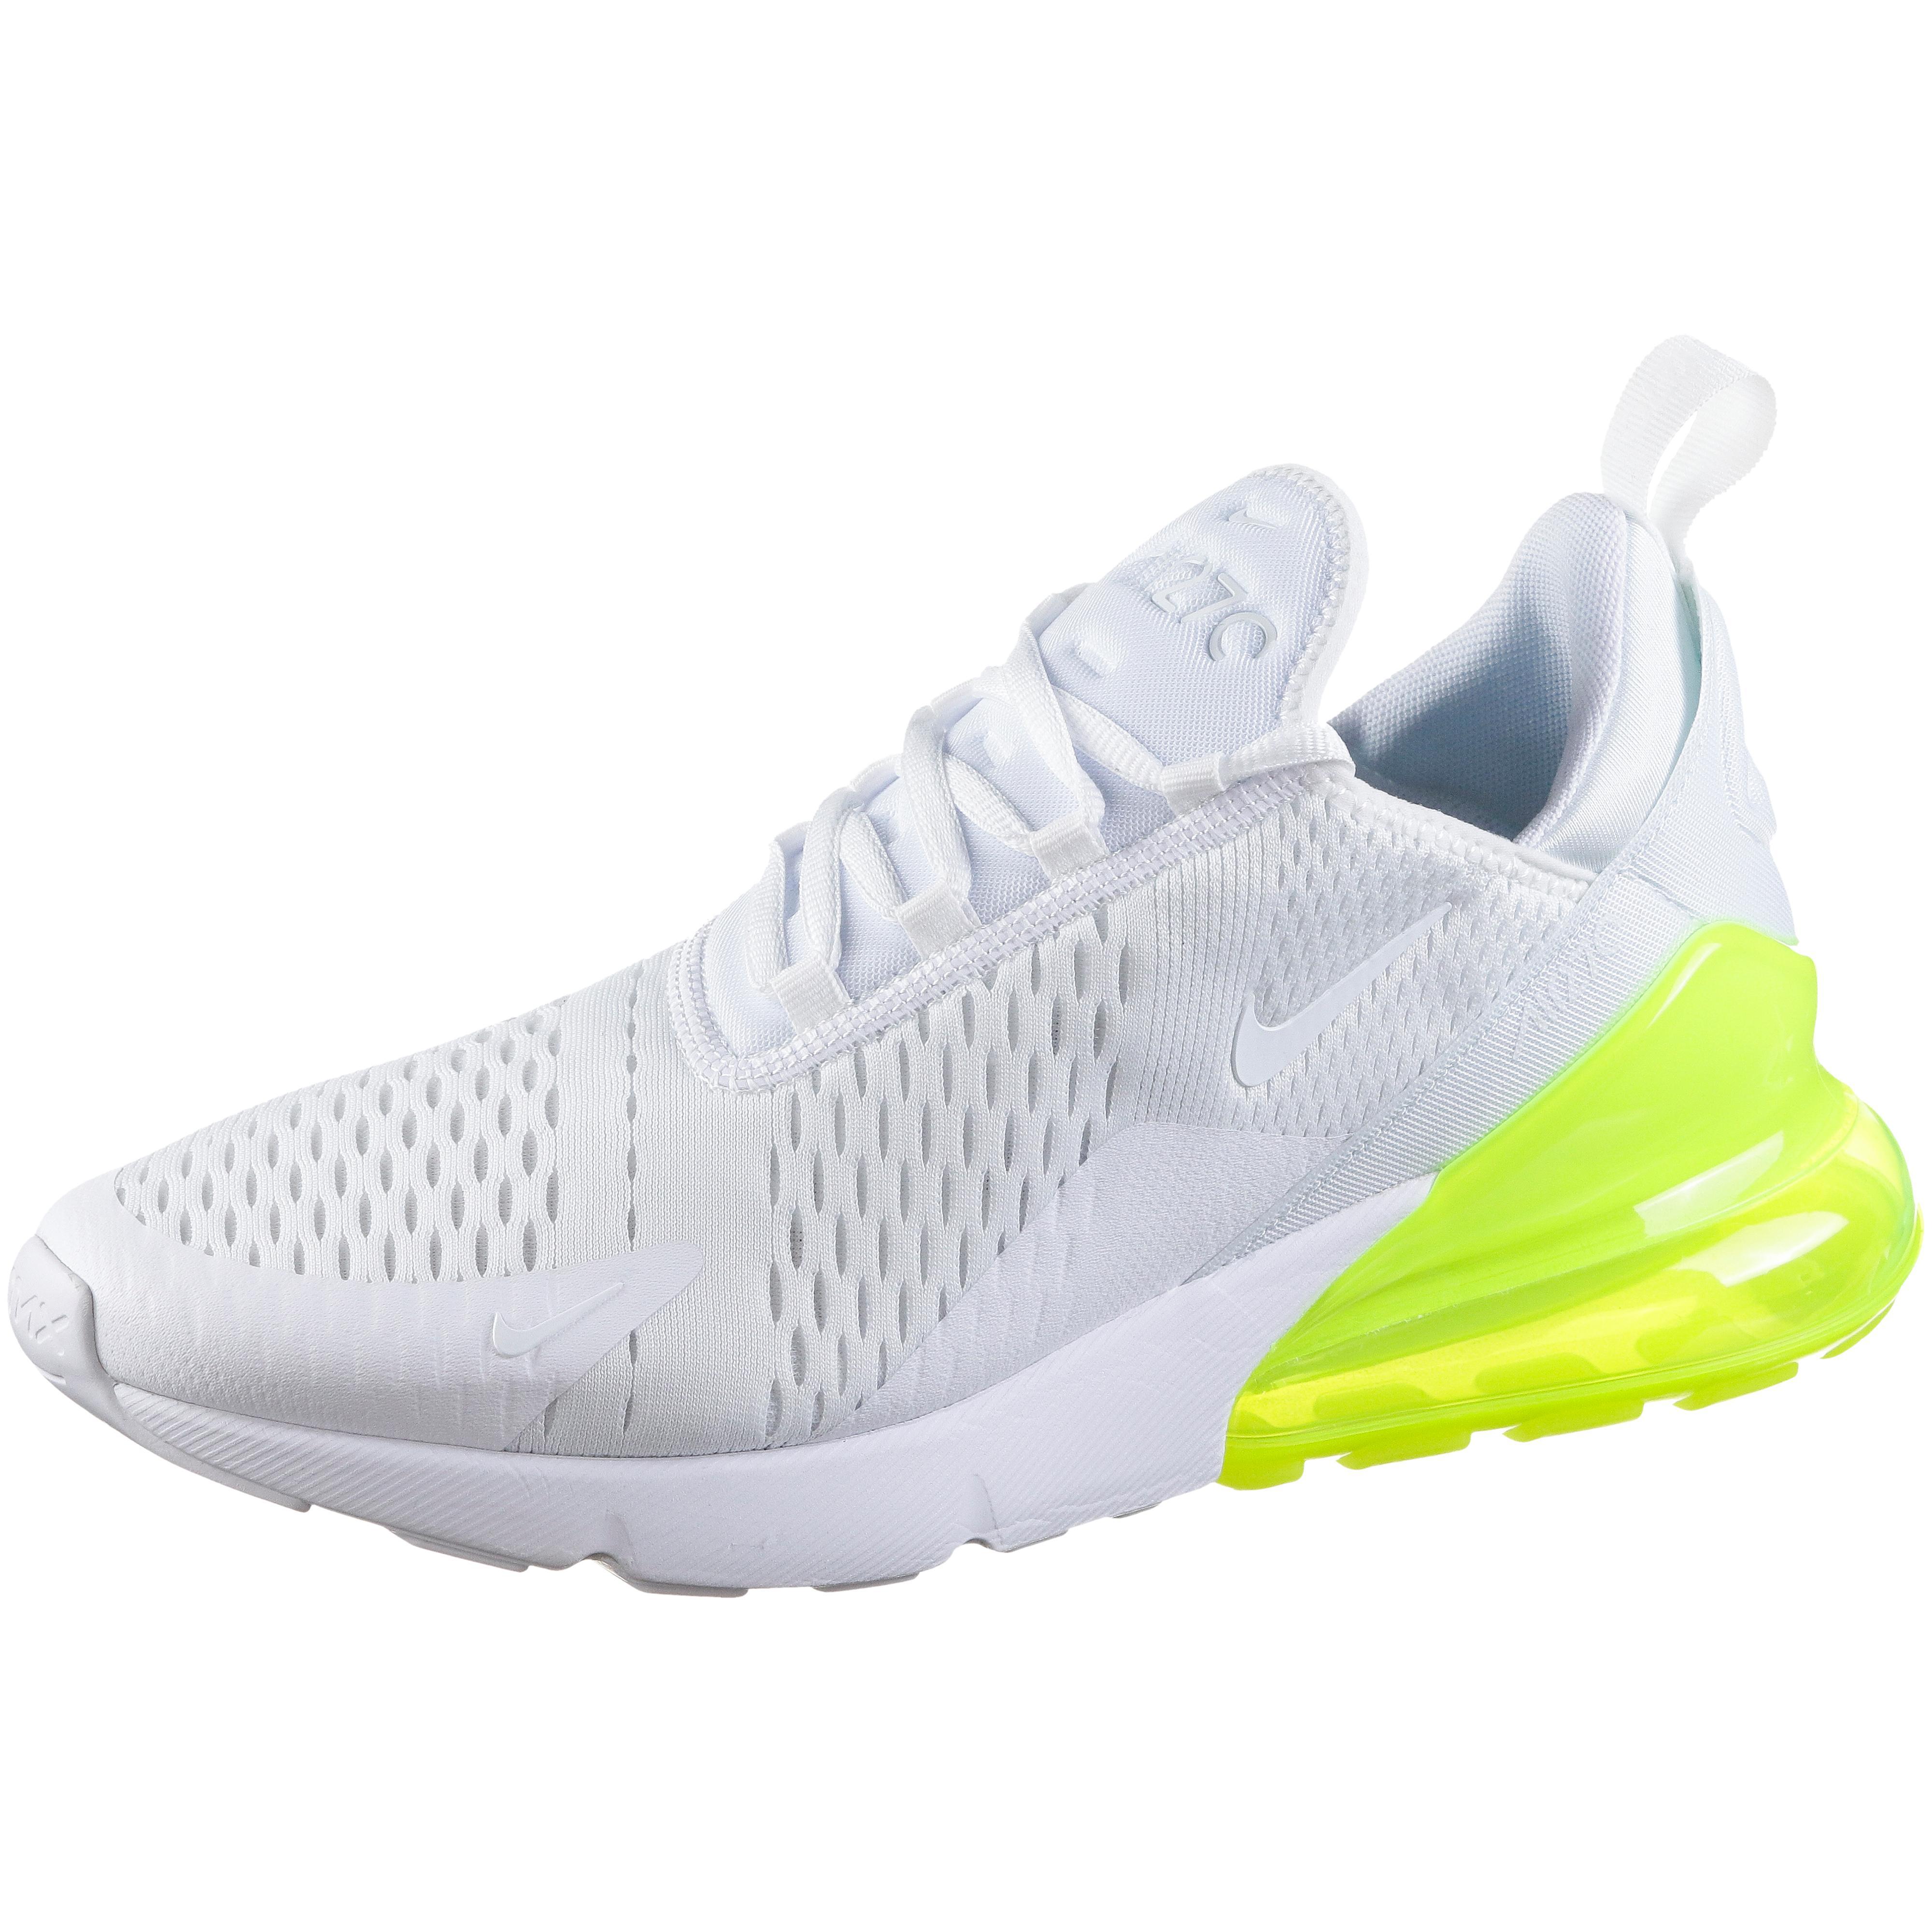 Volt Im Shop Nike Von White Air 270 Max Sneaker Online R3j54AL